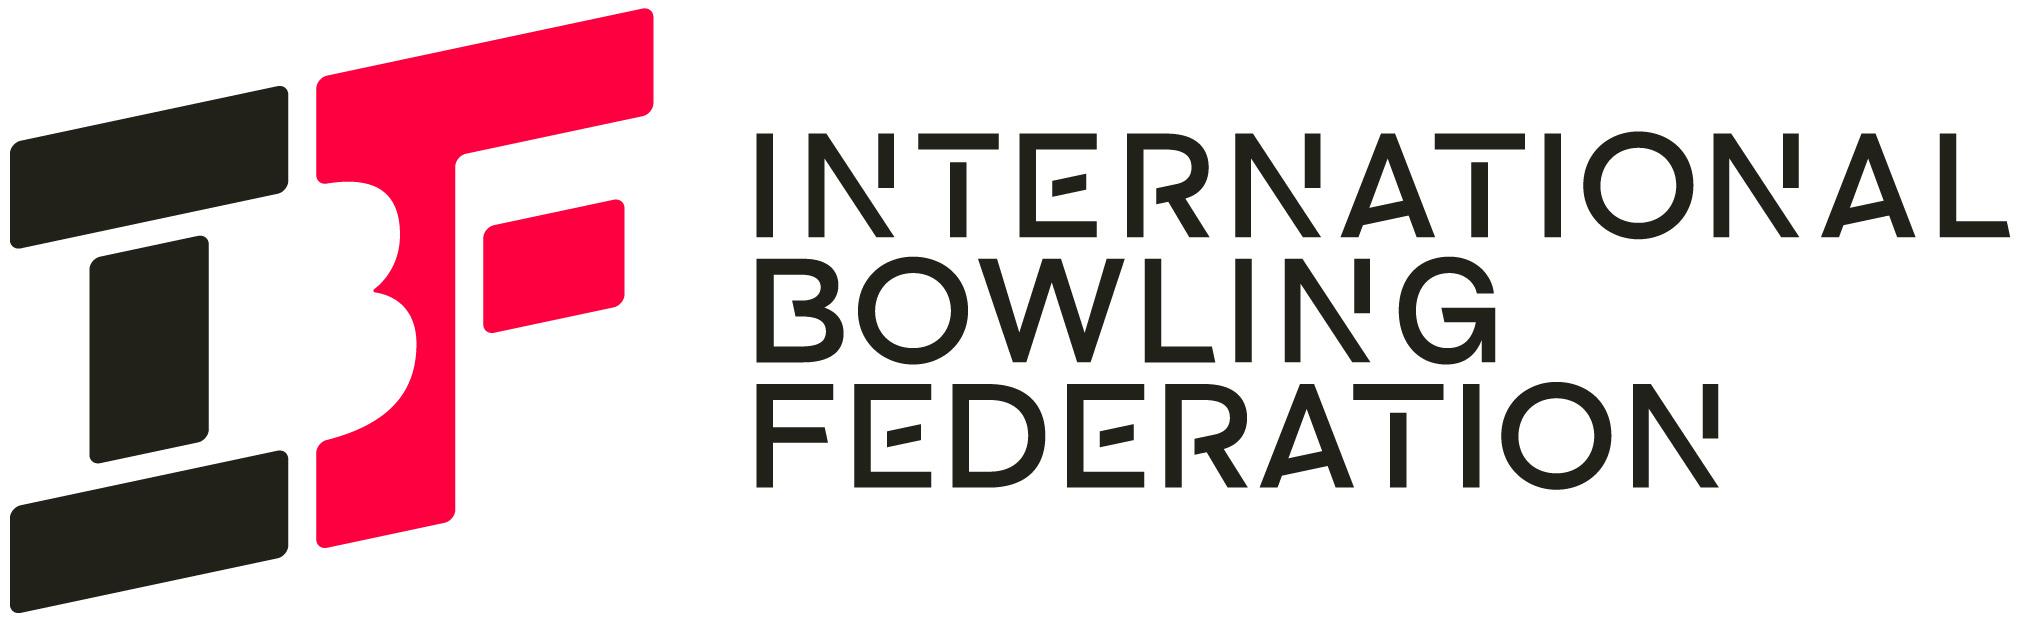 International Bowling Federation